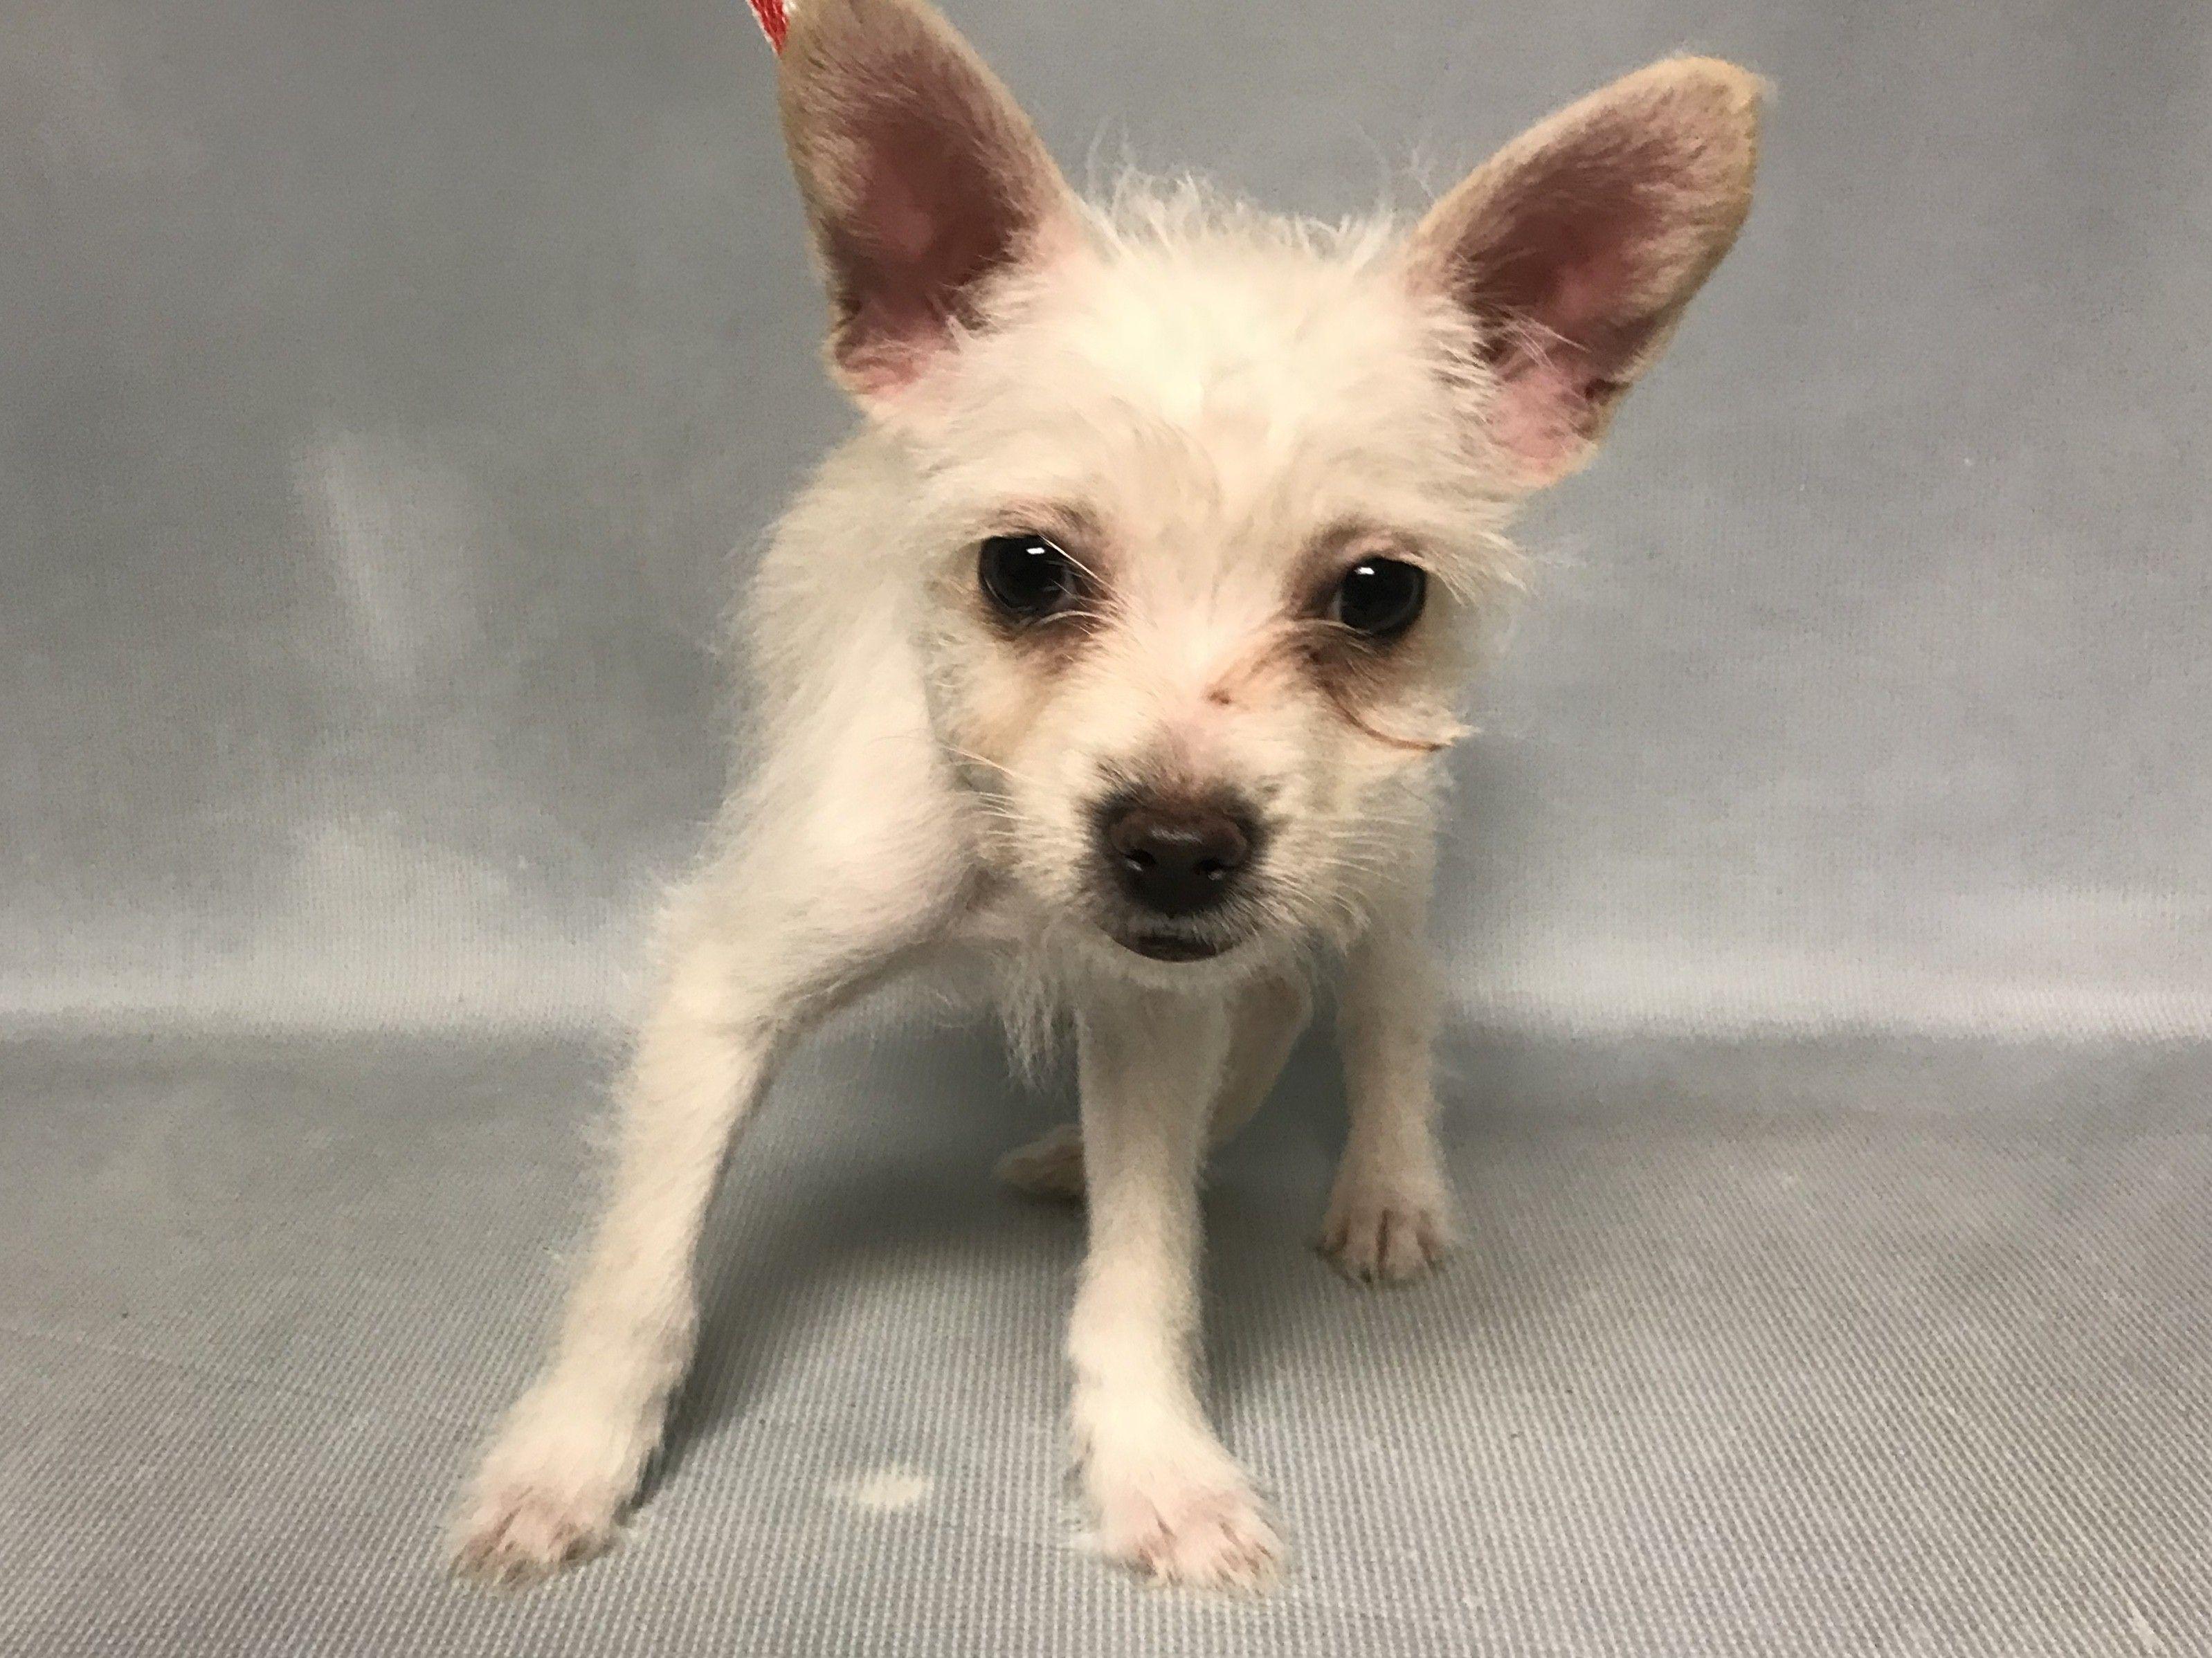 Maggie PieID 39741 Puppy Brooklyn Animal Care Center